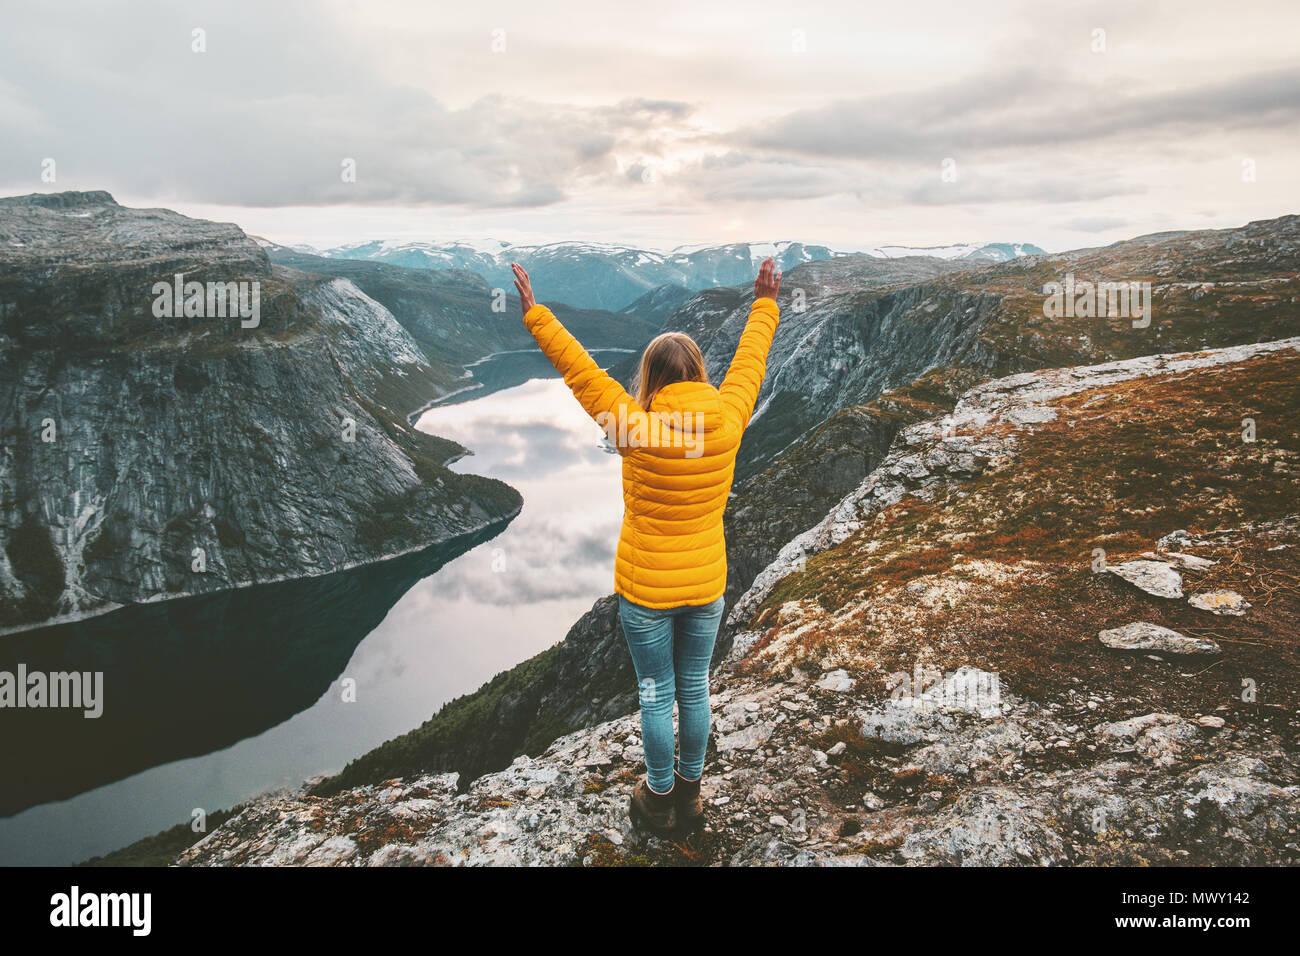 Glückliche Frau erhobenen Hände auf Gipfel reisen allein Abenteuer lifestyle Reise ferien Antenne Seenlandschaft Erfolg wellness Emotionen Stockbild